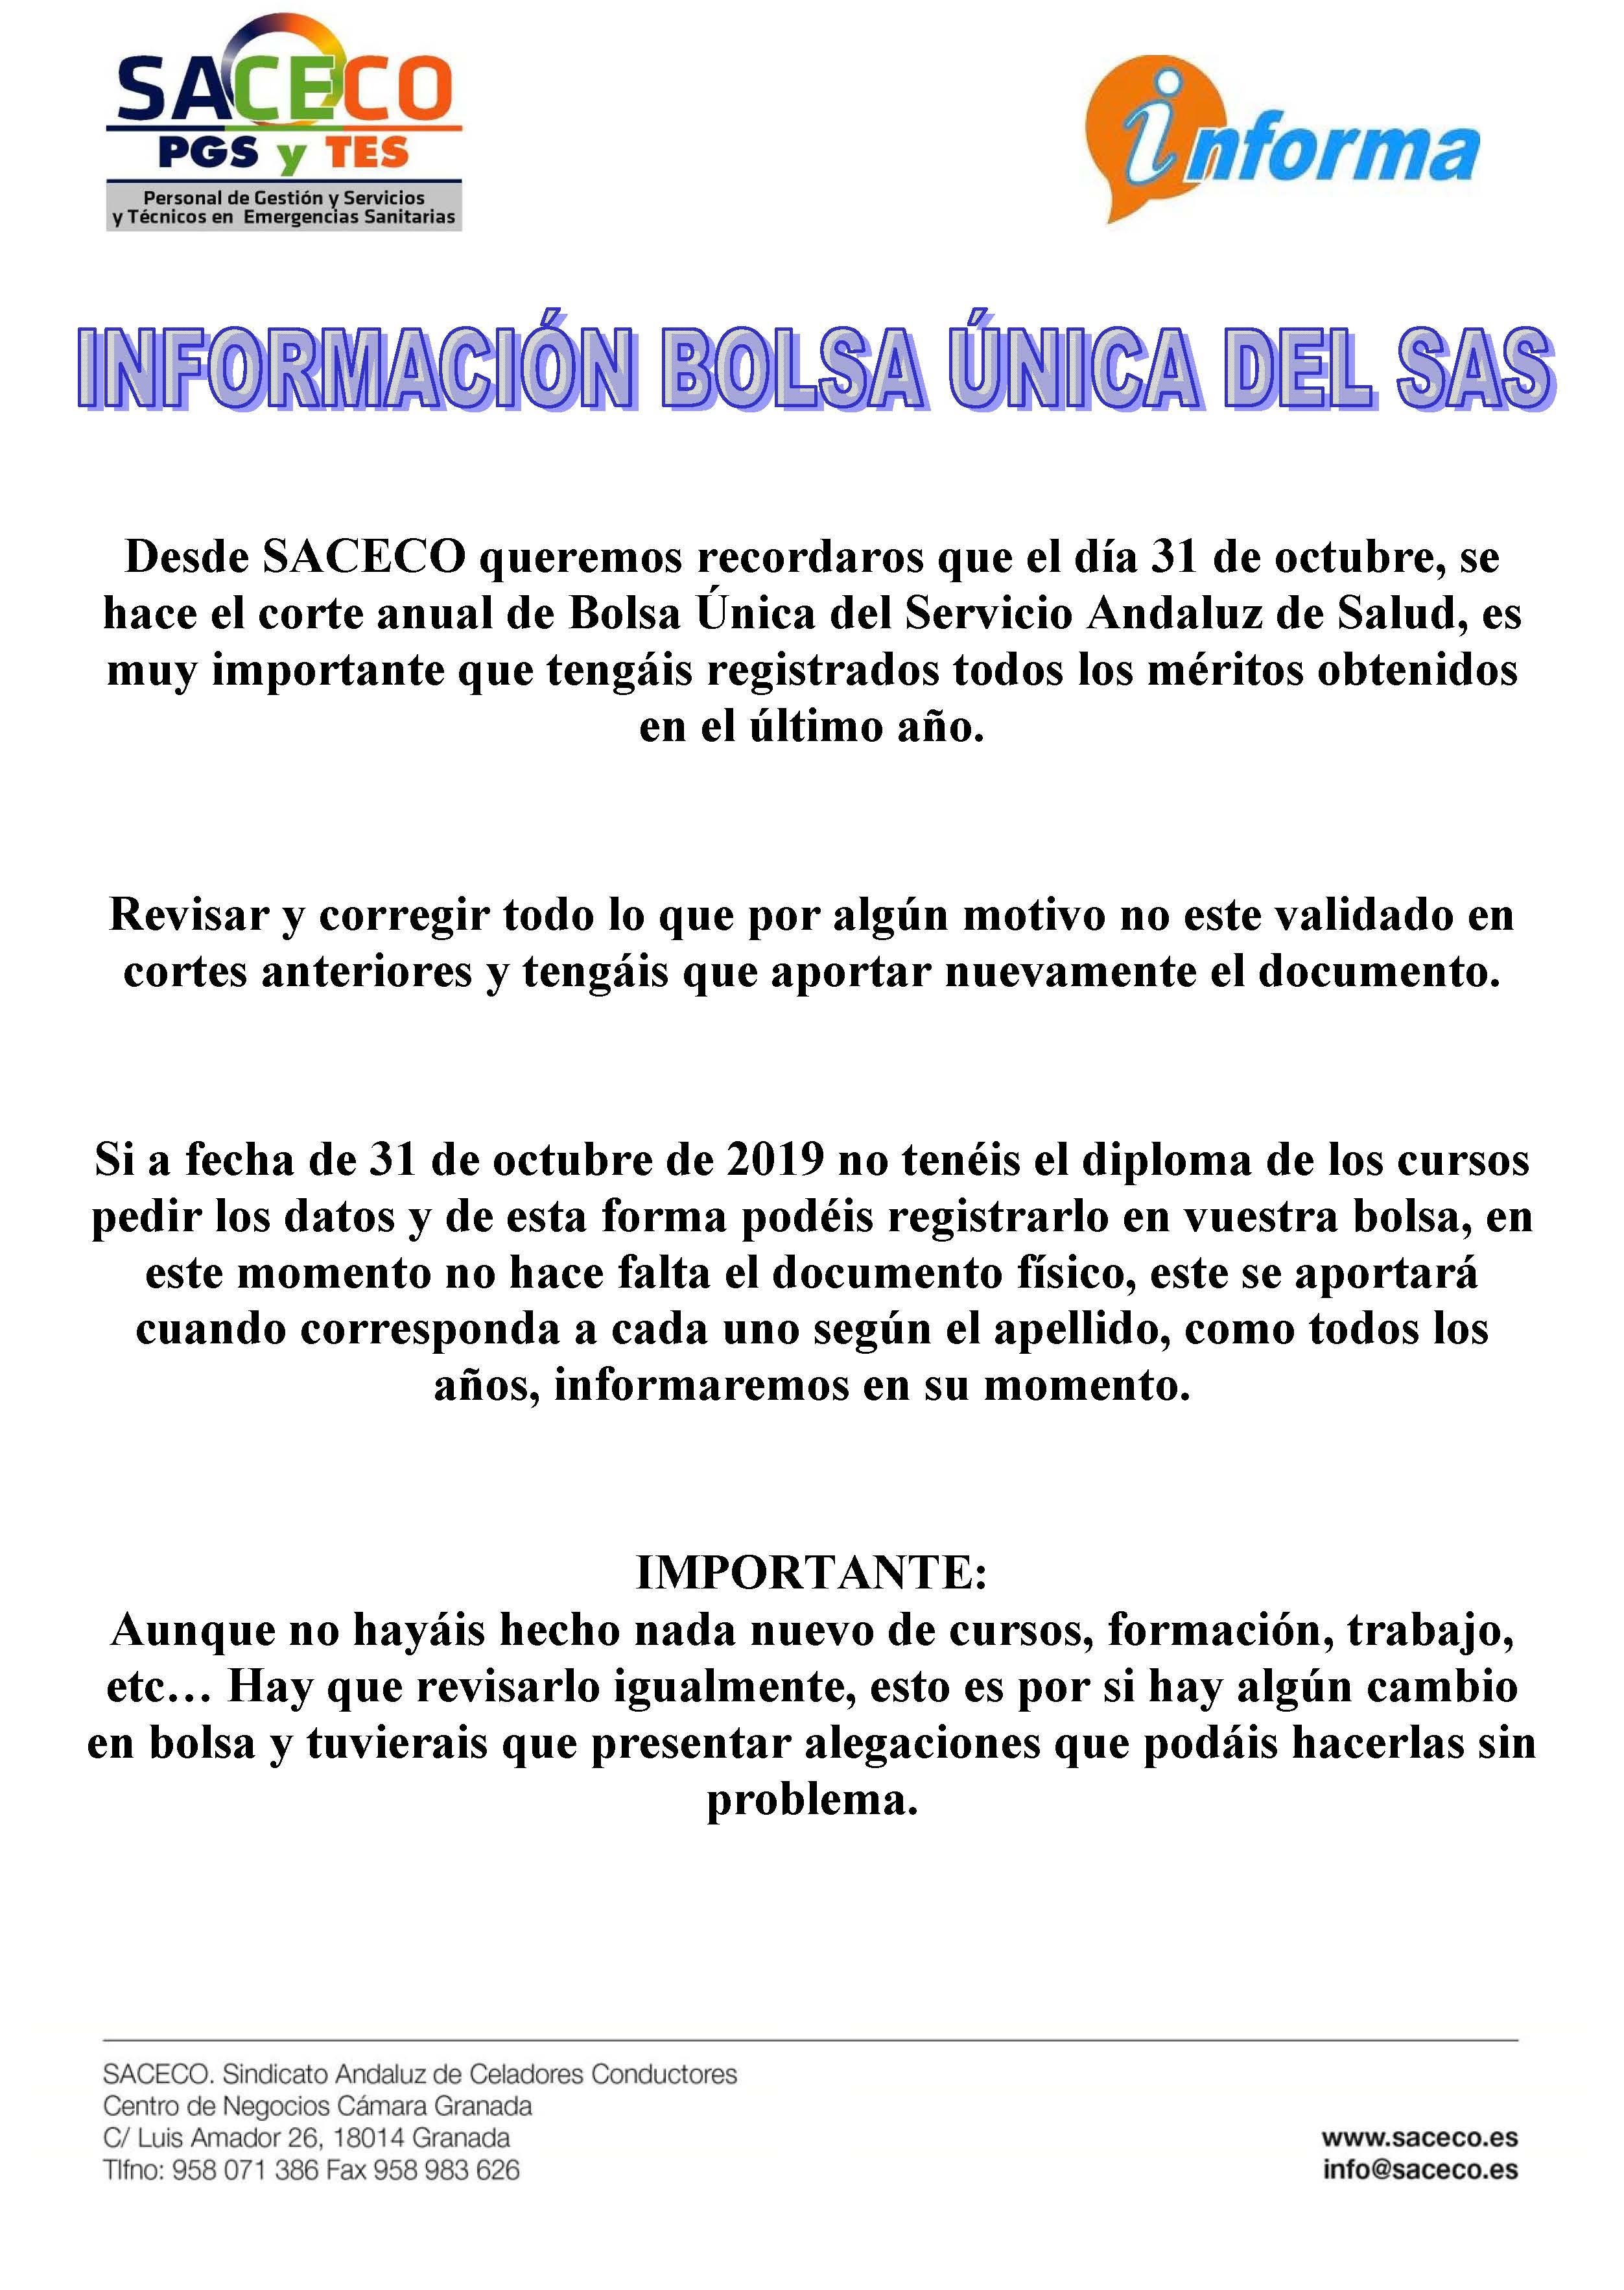 INFORMACIÓN BOLSA SAS